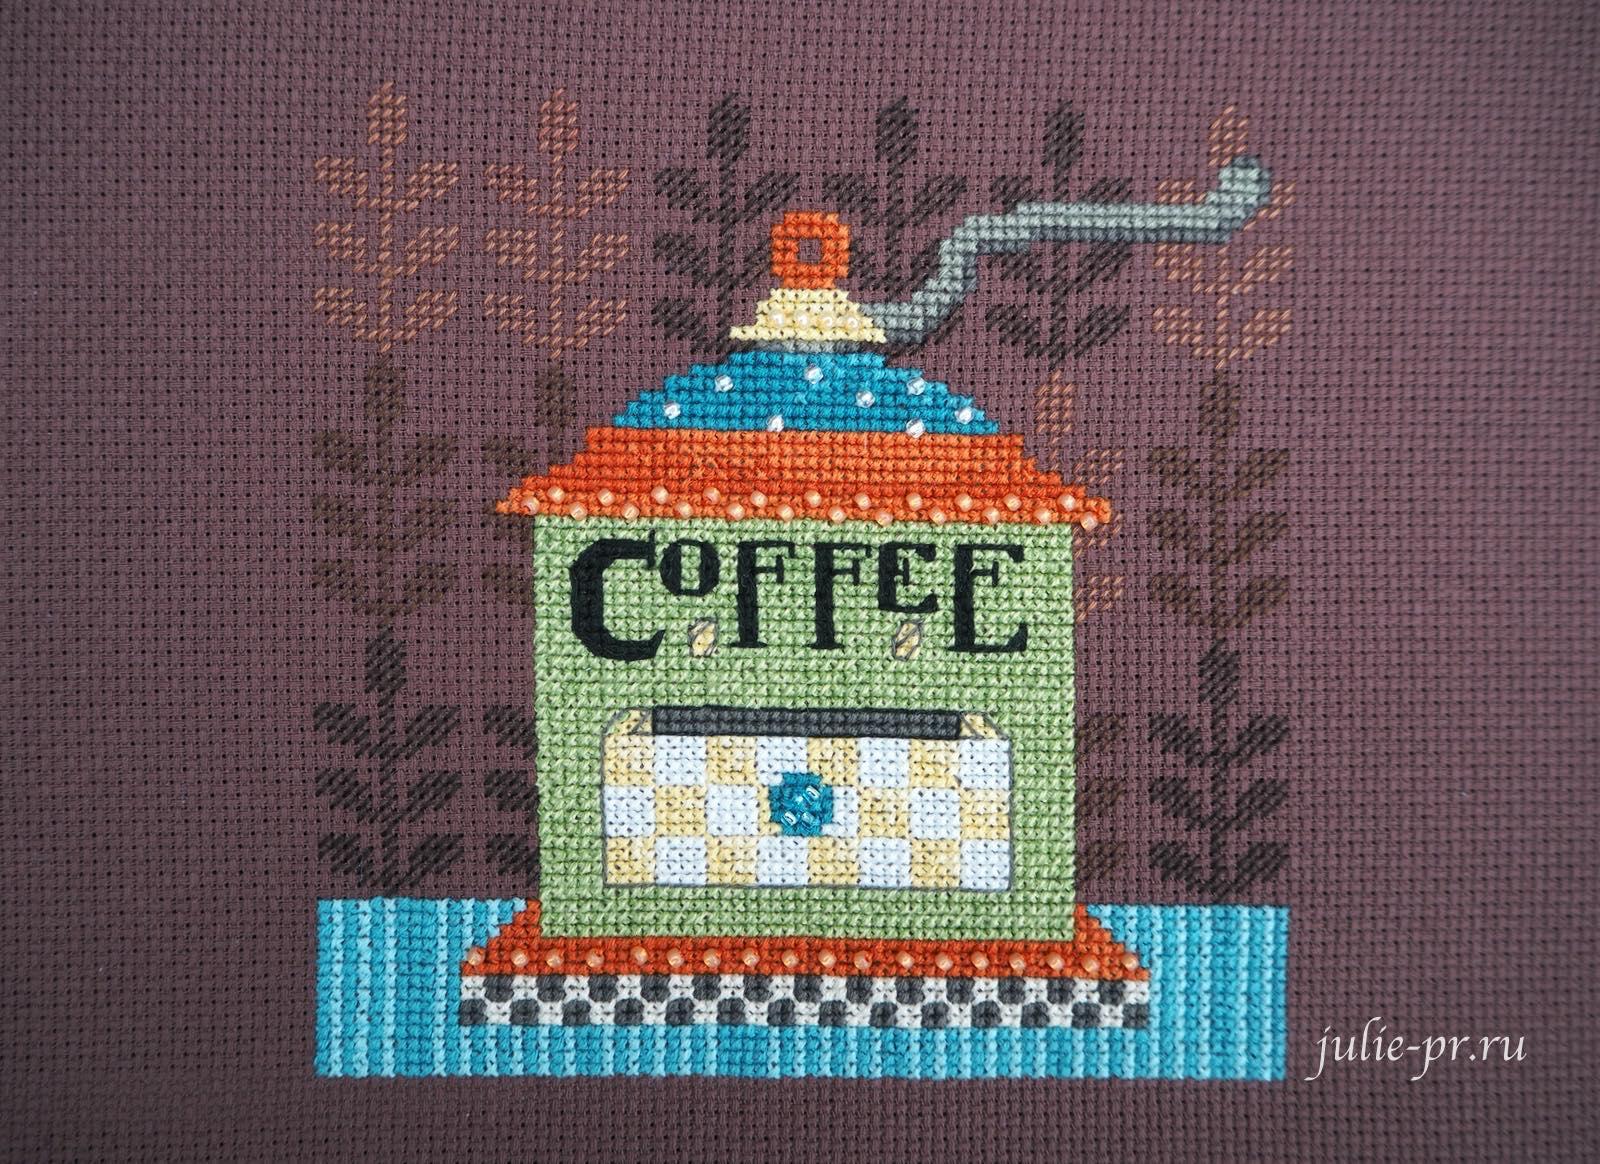 Mill Hill DM30-1612, Coffee Grinder, Кофемолка, вышивка крестом, вышивка бисером, кофе